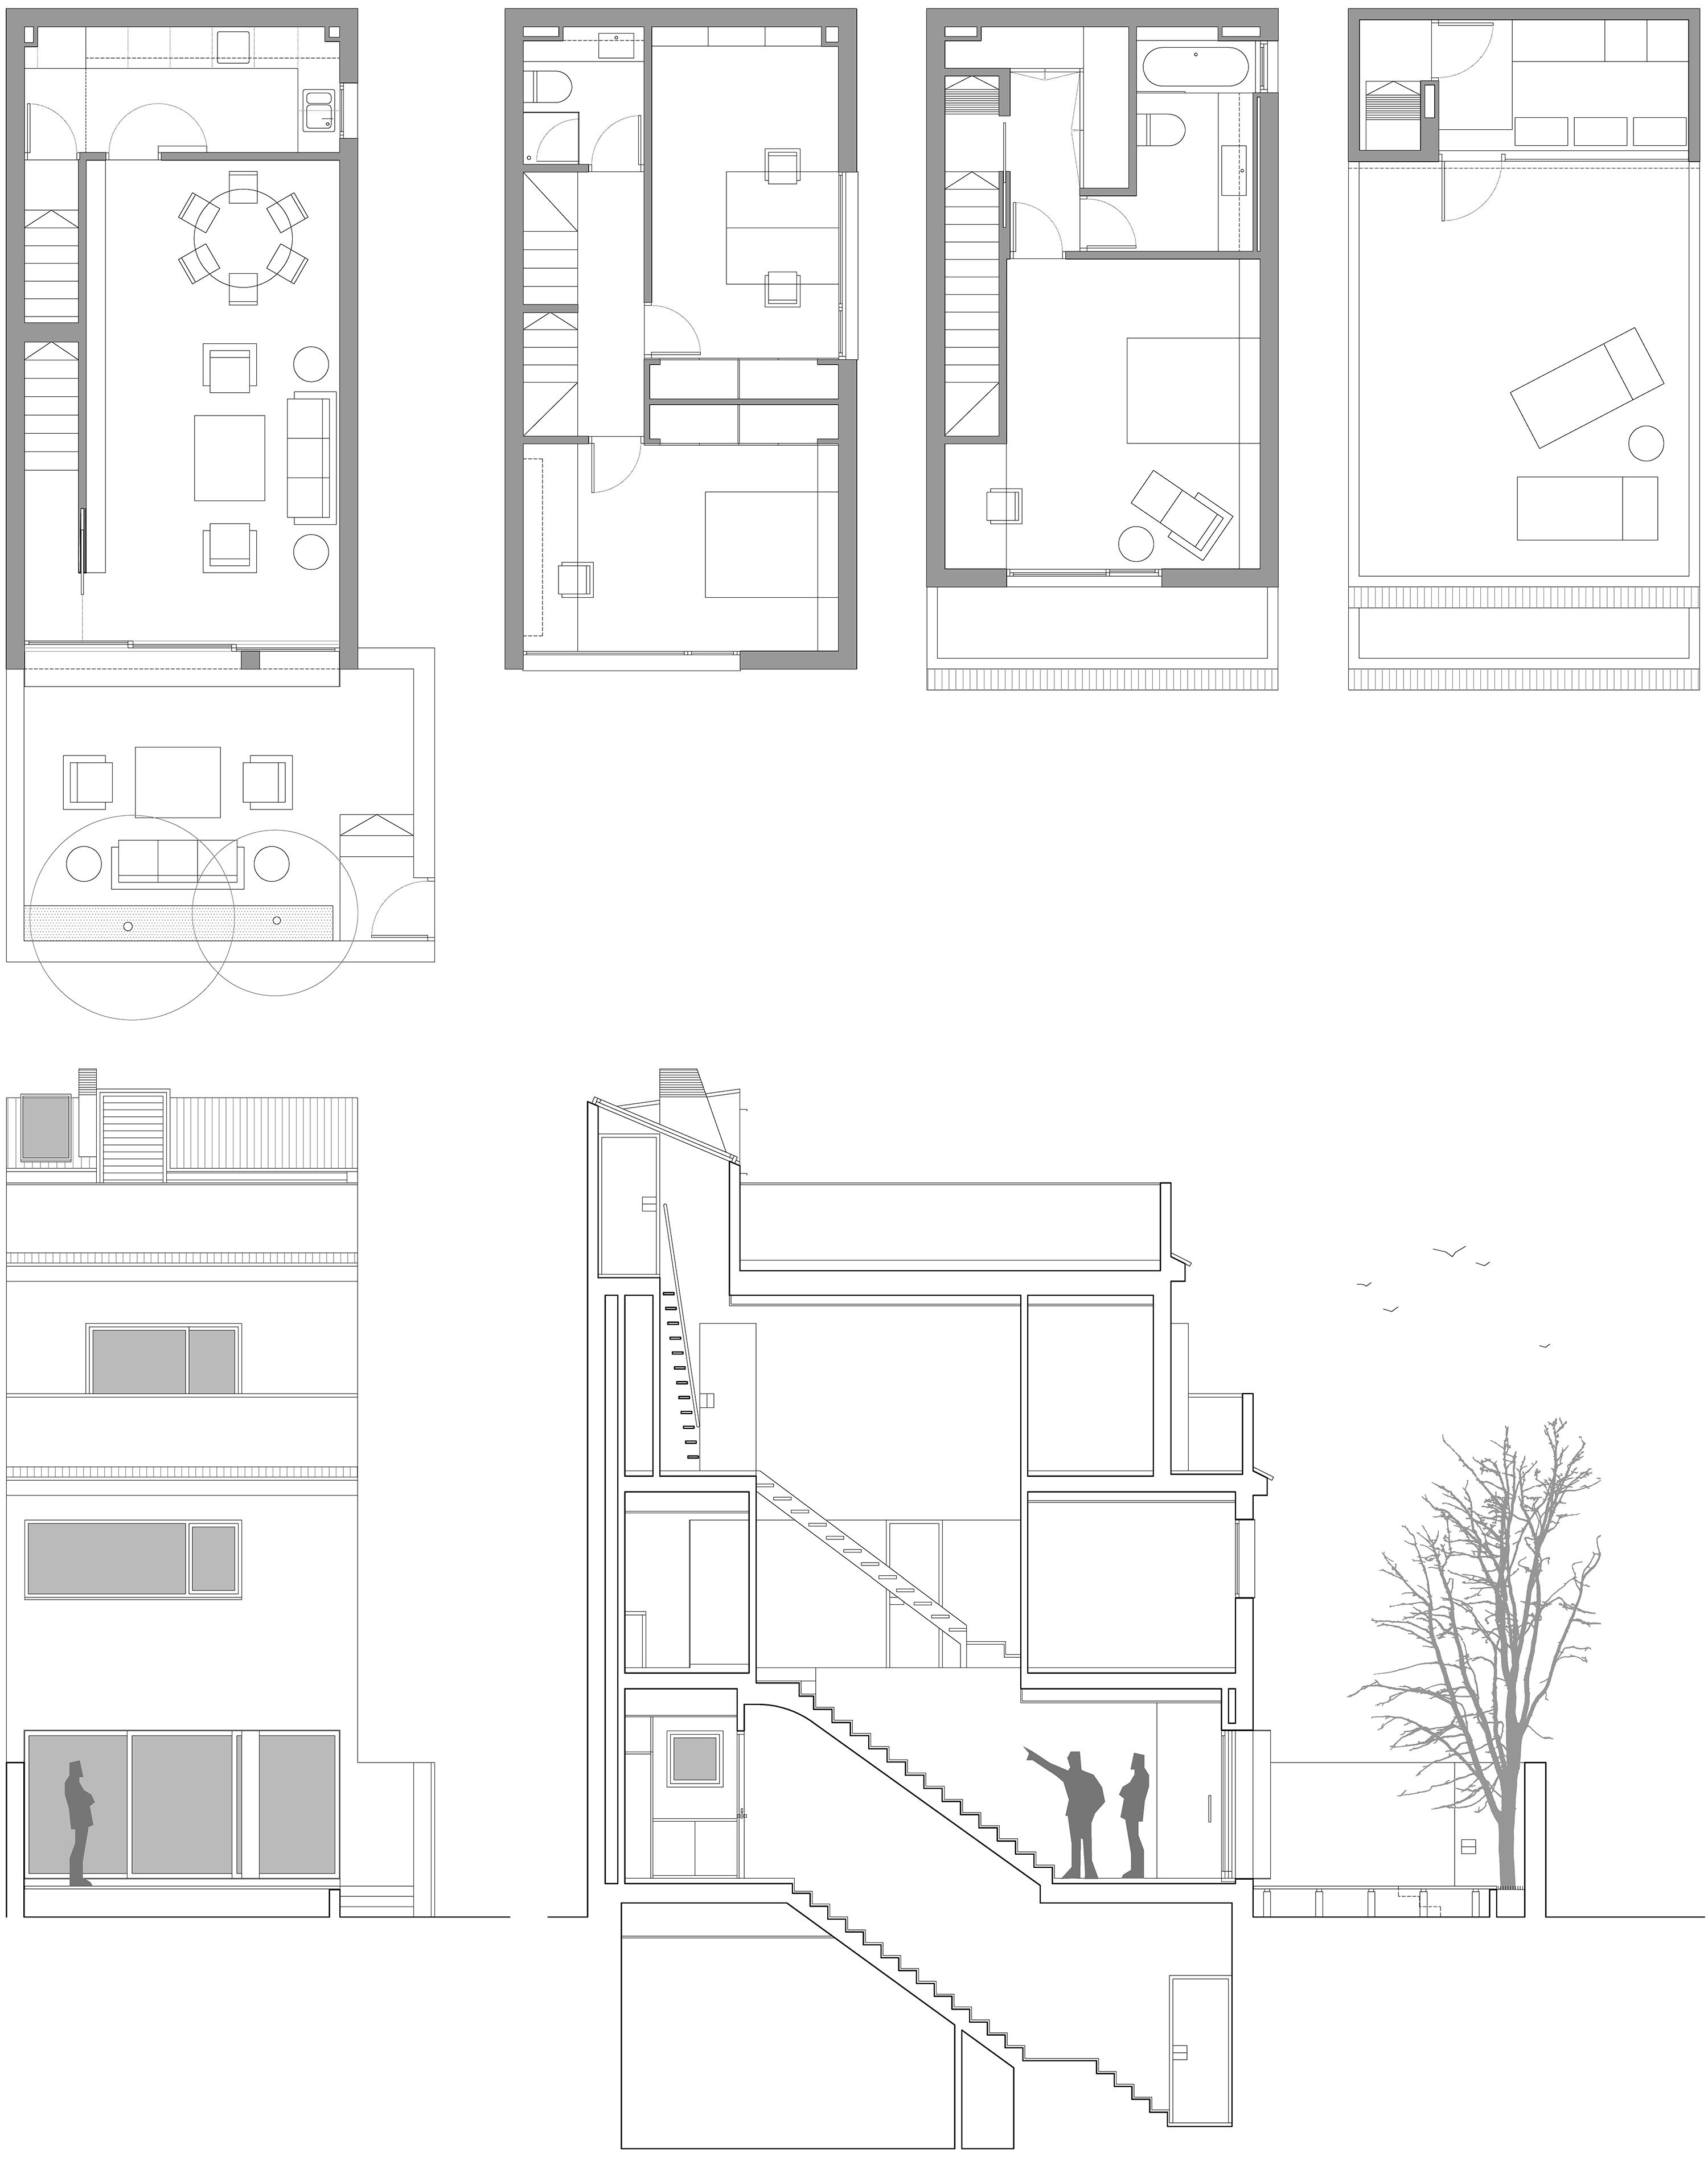 Reforma Integral de una vivienda unifamiliar en Alicante. Arquitectura Alicante